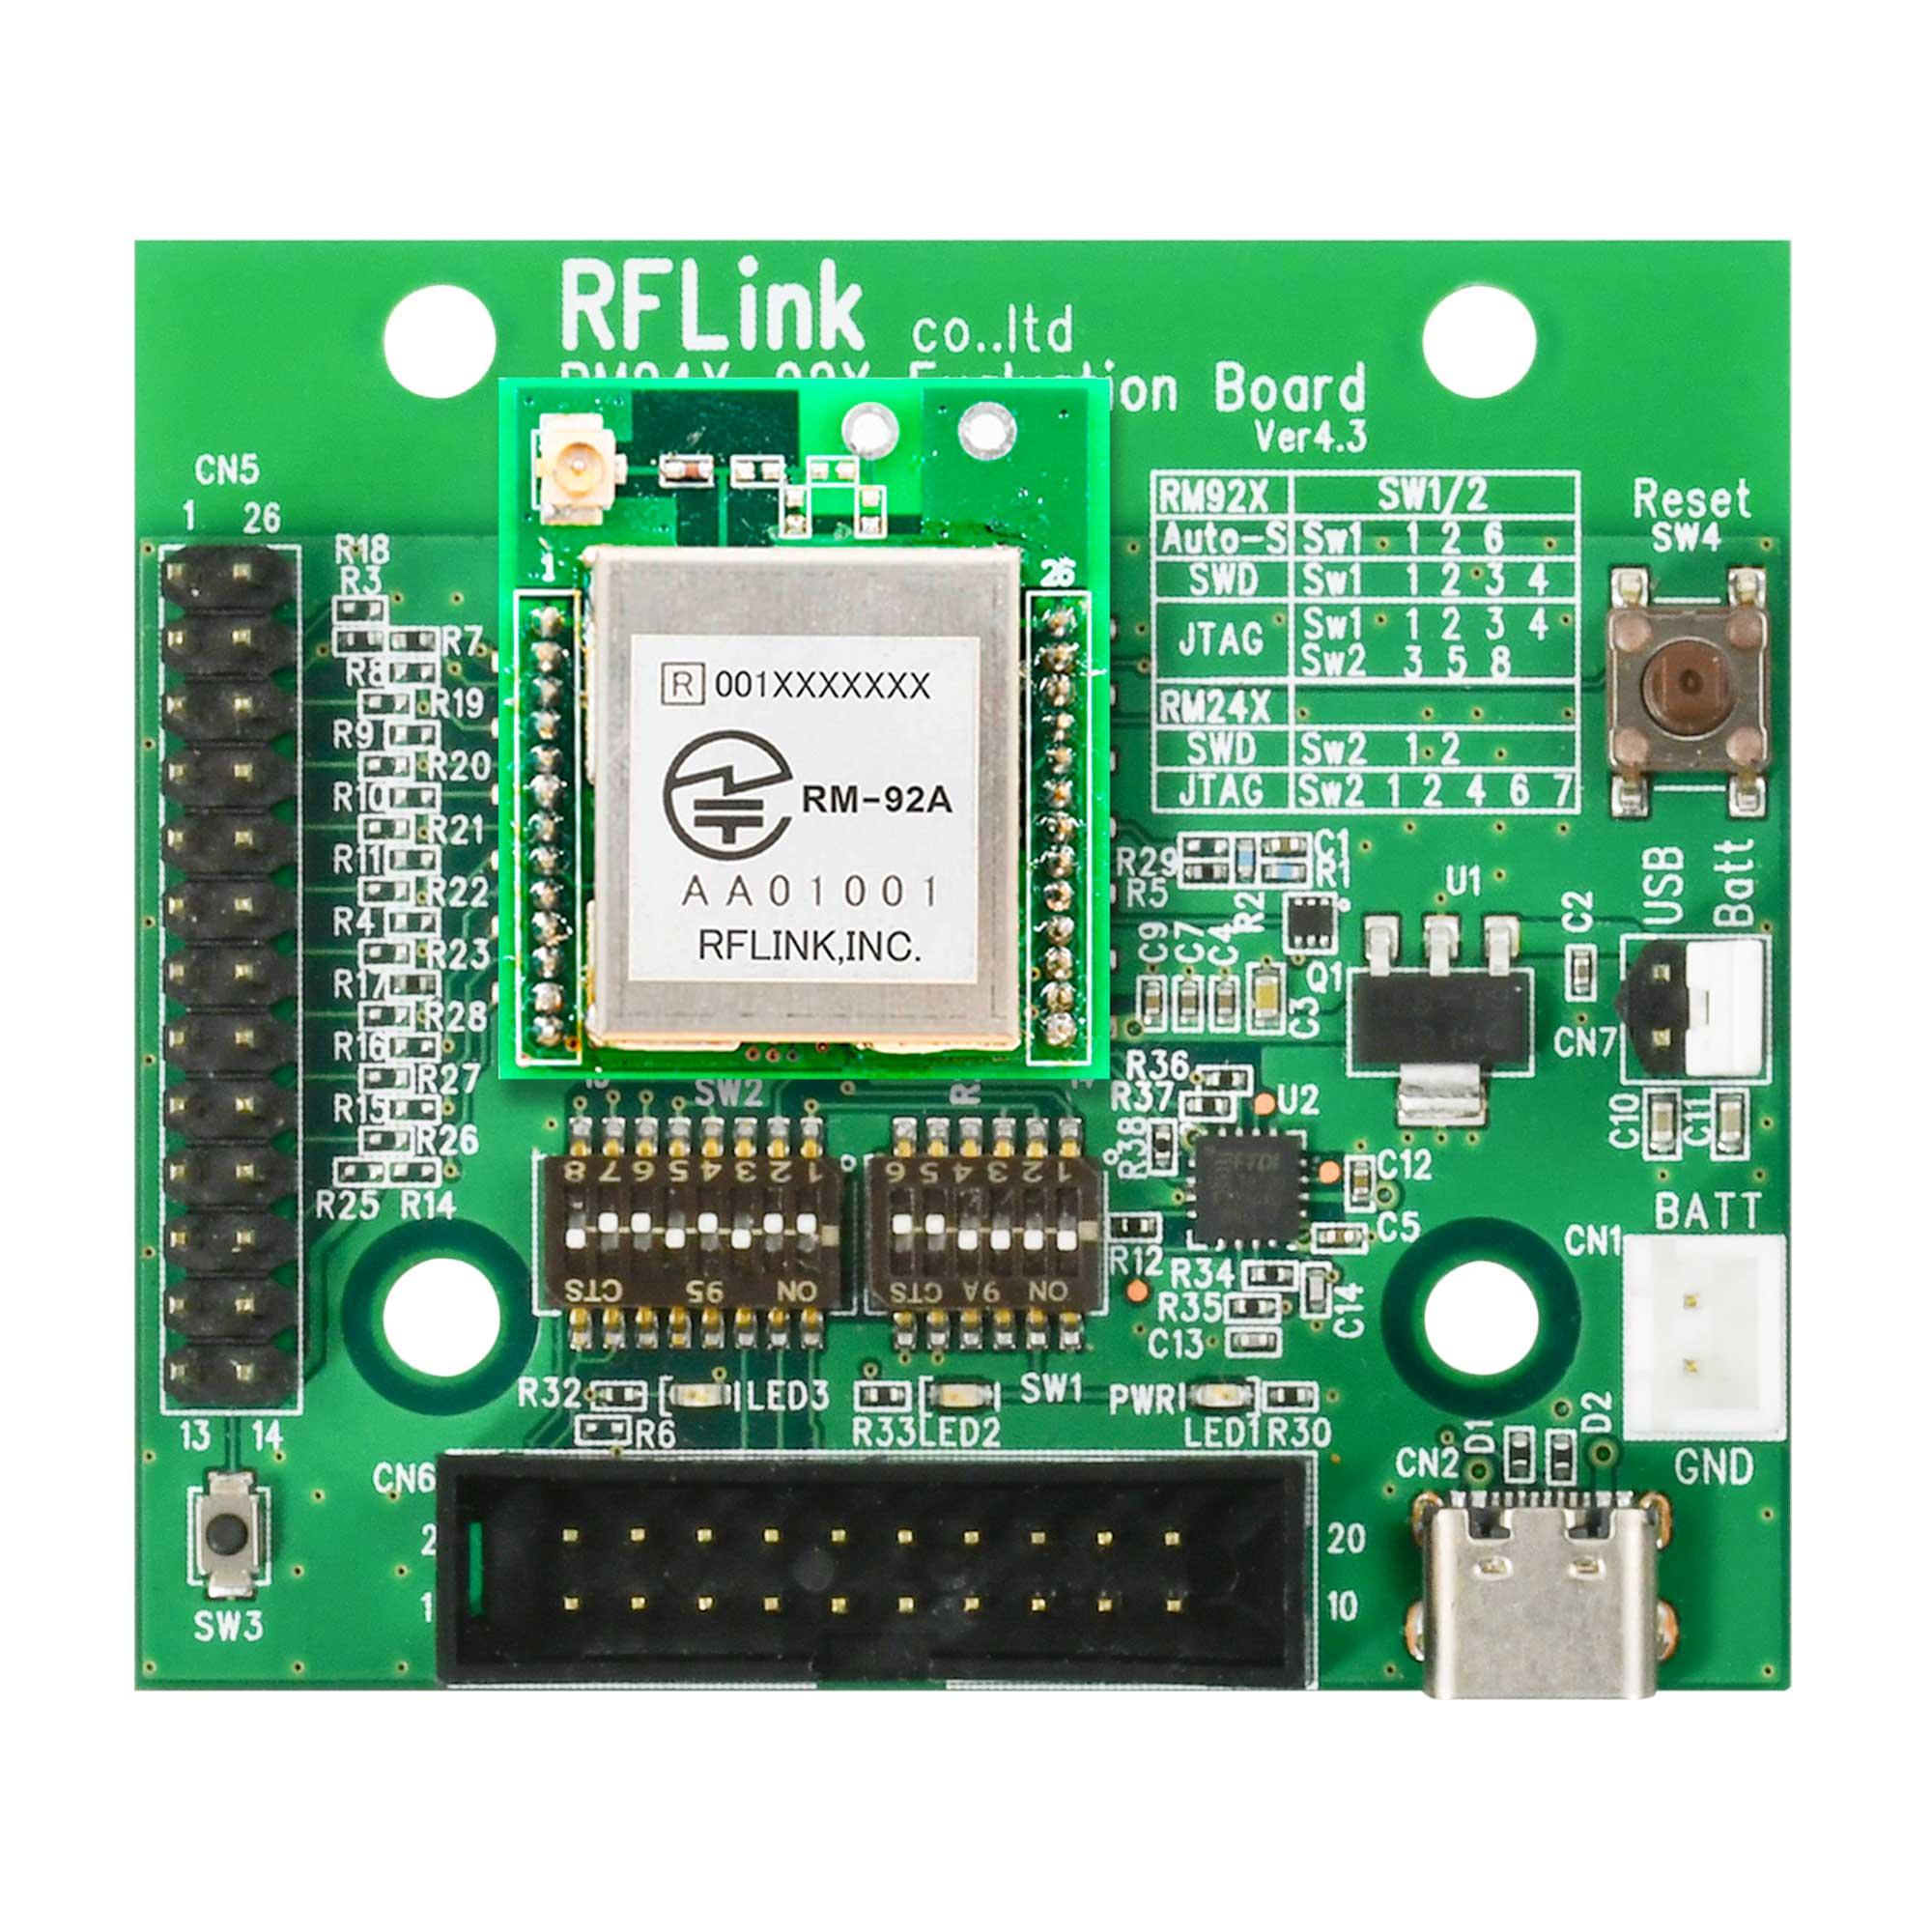 RM-SDK92Aシリーズ RM-SDK92AS